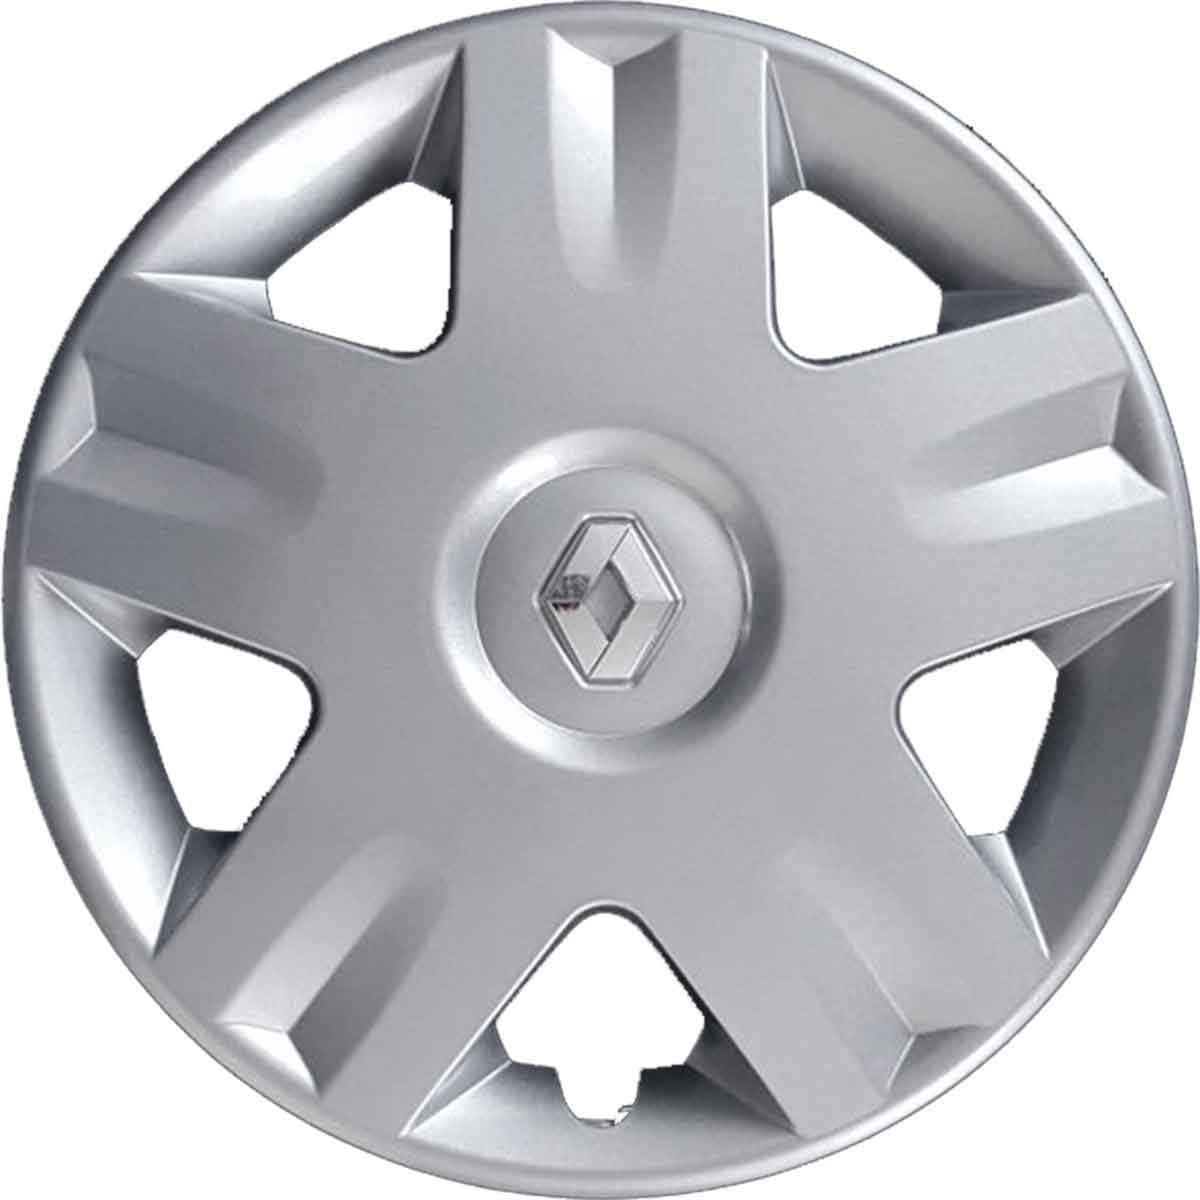 14/Zoll Durchmesser: 35,5 cm 4 St/ück mit verchromtem Logo Radzierblenden